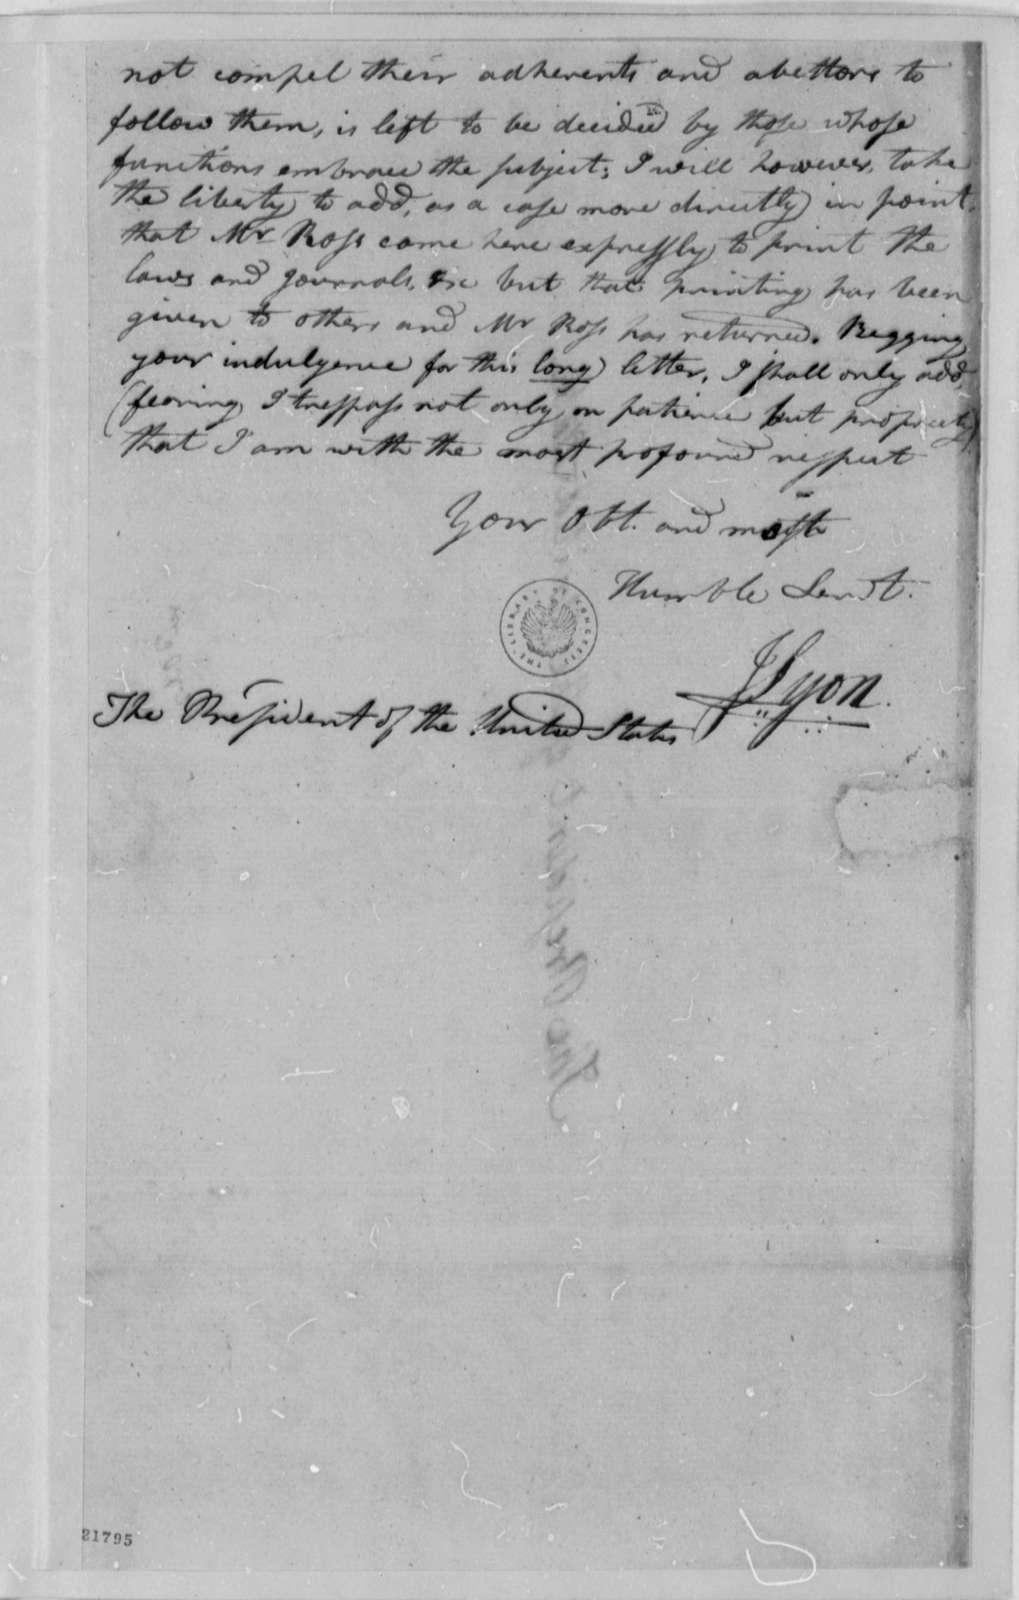 James Lyon to Thomas Jefferson, October 5, 1802